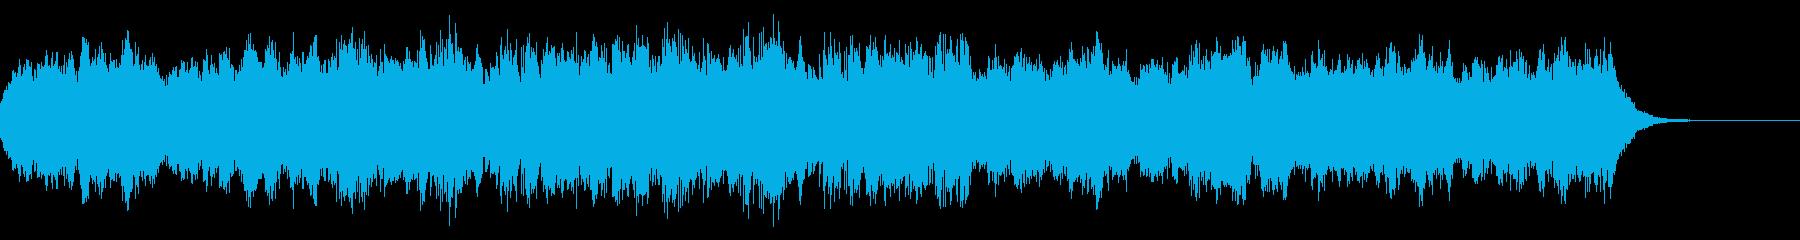 目まぐるしい忙しさを表現したBGMの再生済みの波形